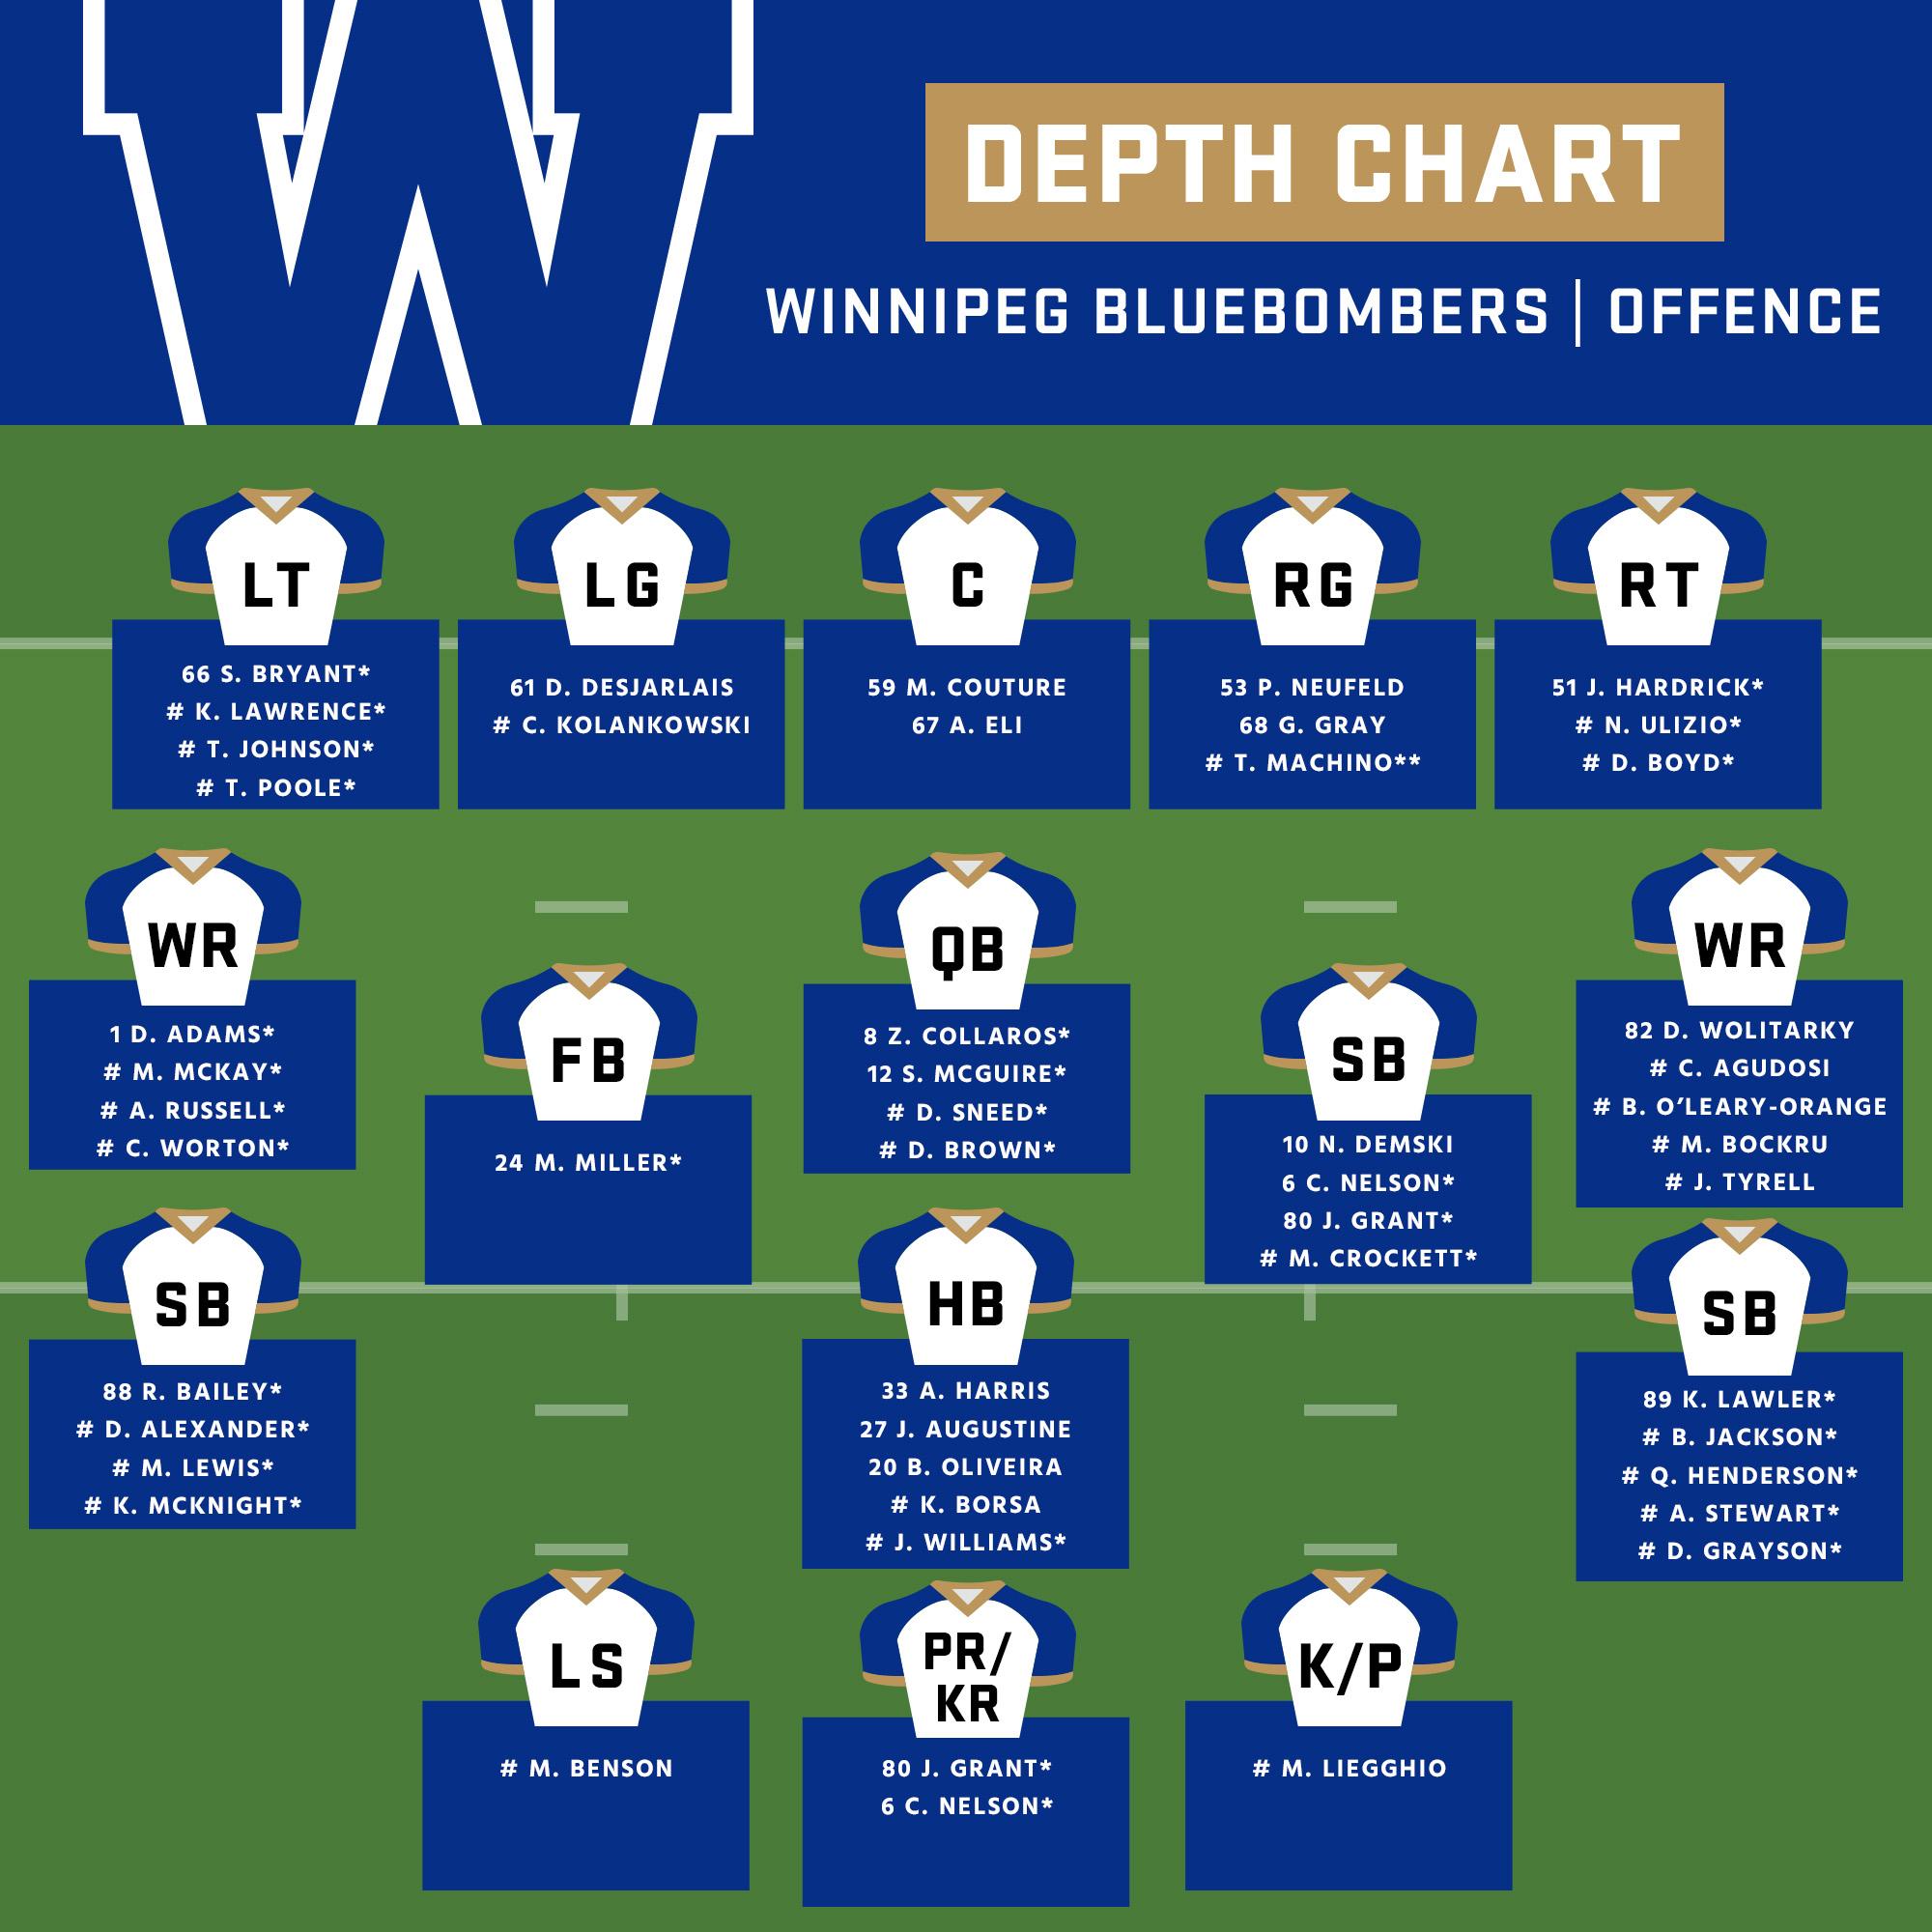 Winnipeg-Depth-Chart-Off-Season-2021-offence-UPDATED.jpg